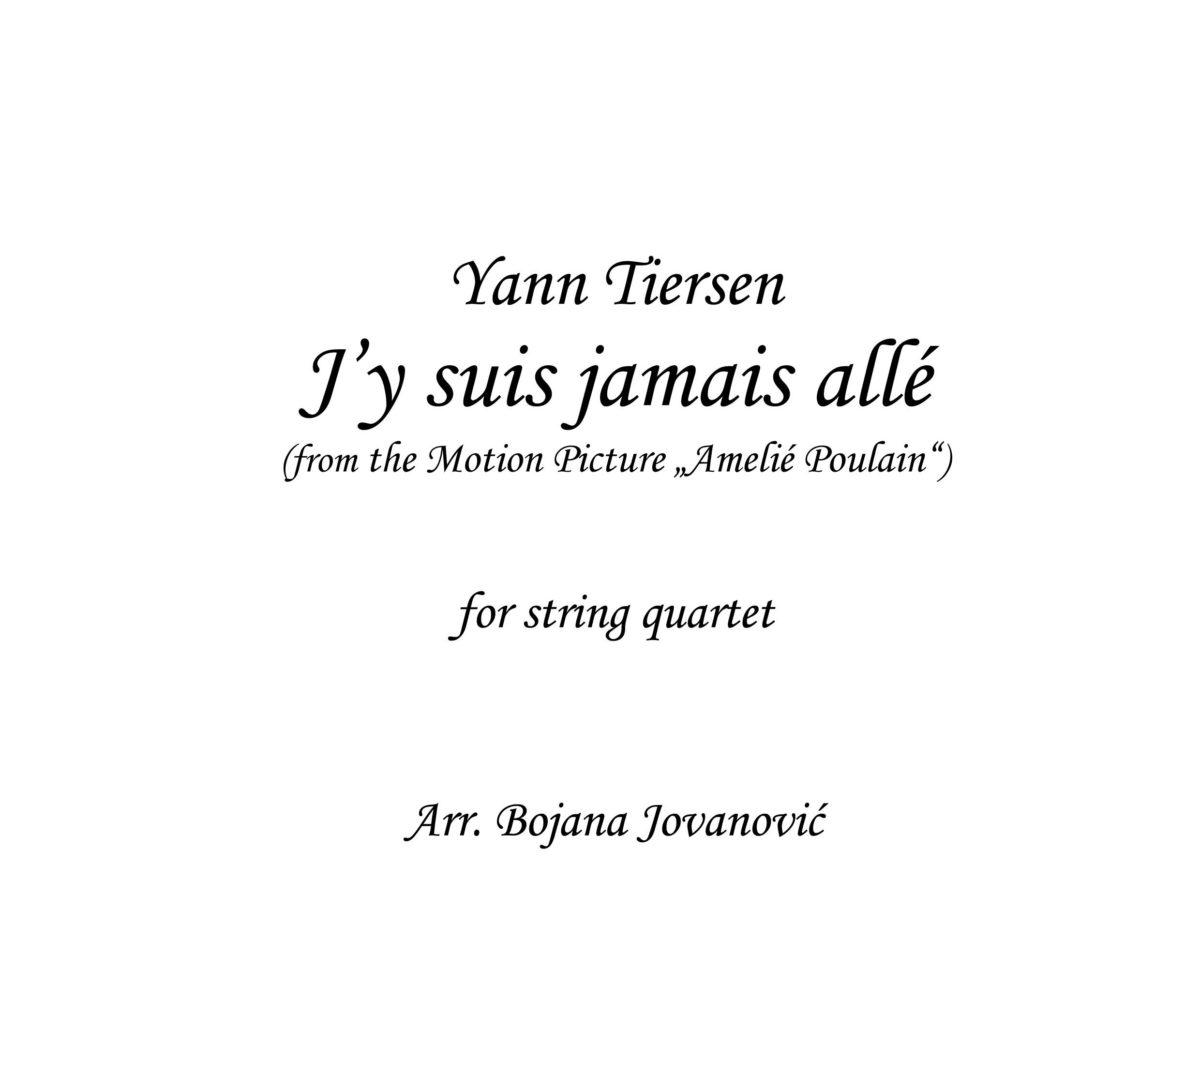 J'y Suis Jamais Alle (Amelie Poulain) - Sheet Music